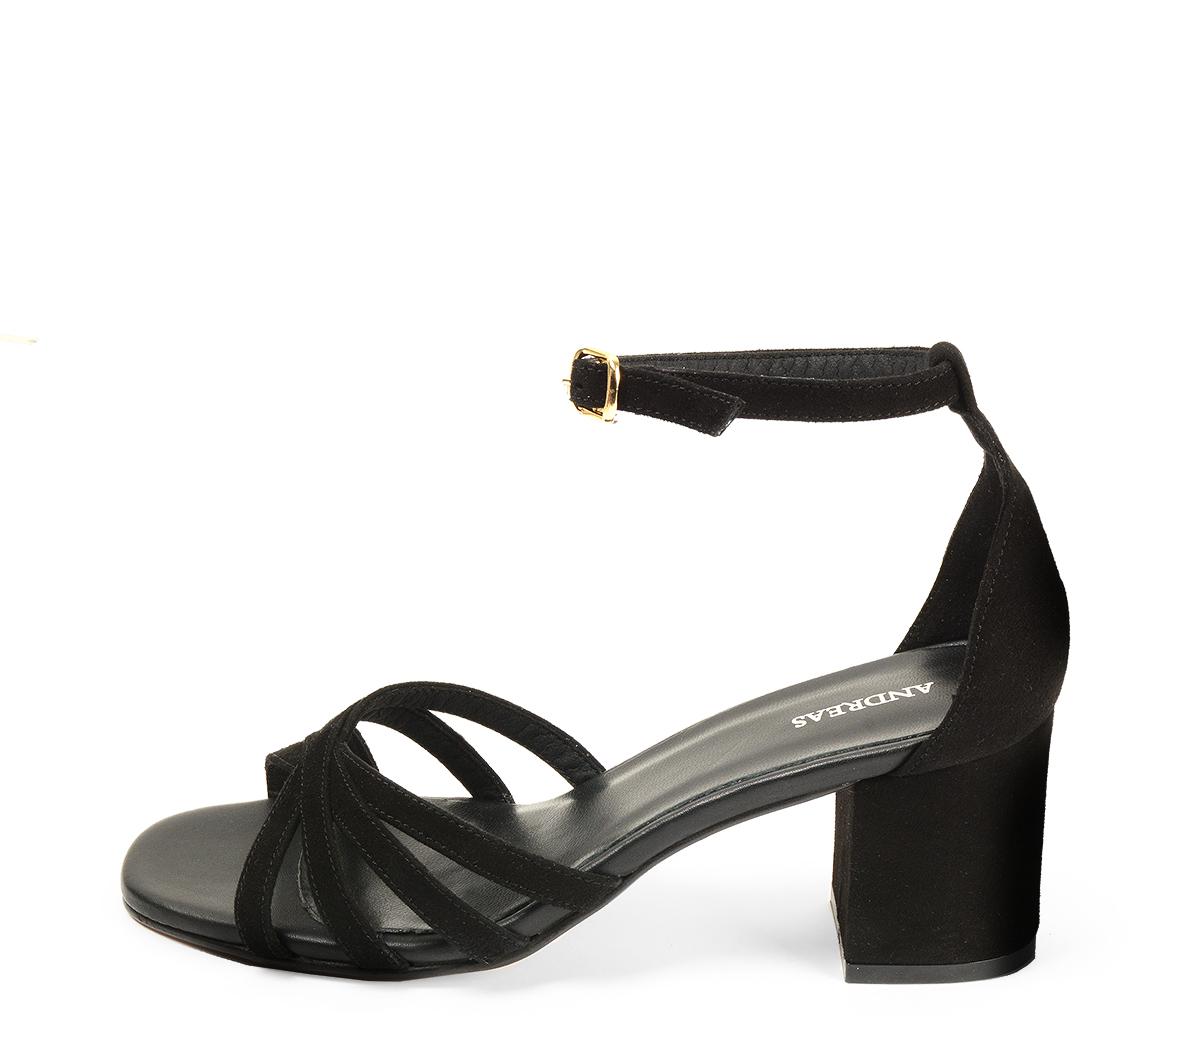 Ref 4334 Sandalia serraje negro con tiras en la pala y pulsera al tobillo. Hebilla dorada. Altura tacón 6.5 cm y sin plataforma delantera.